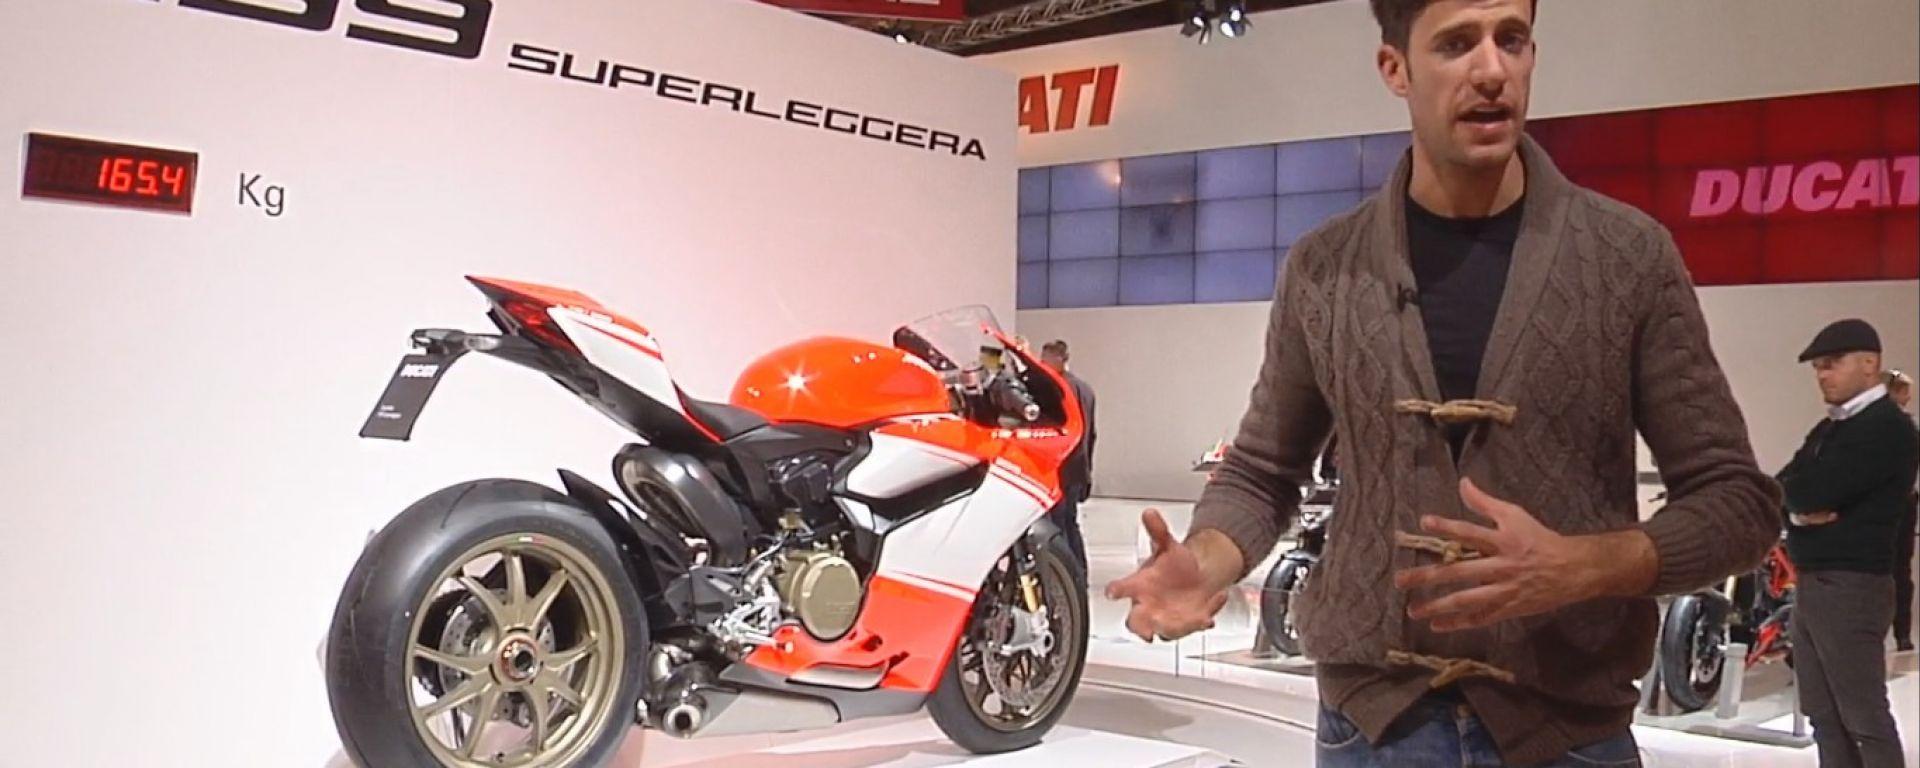 Eicma 2013, lo stand Ducati